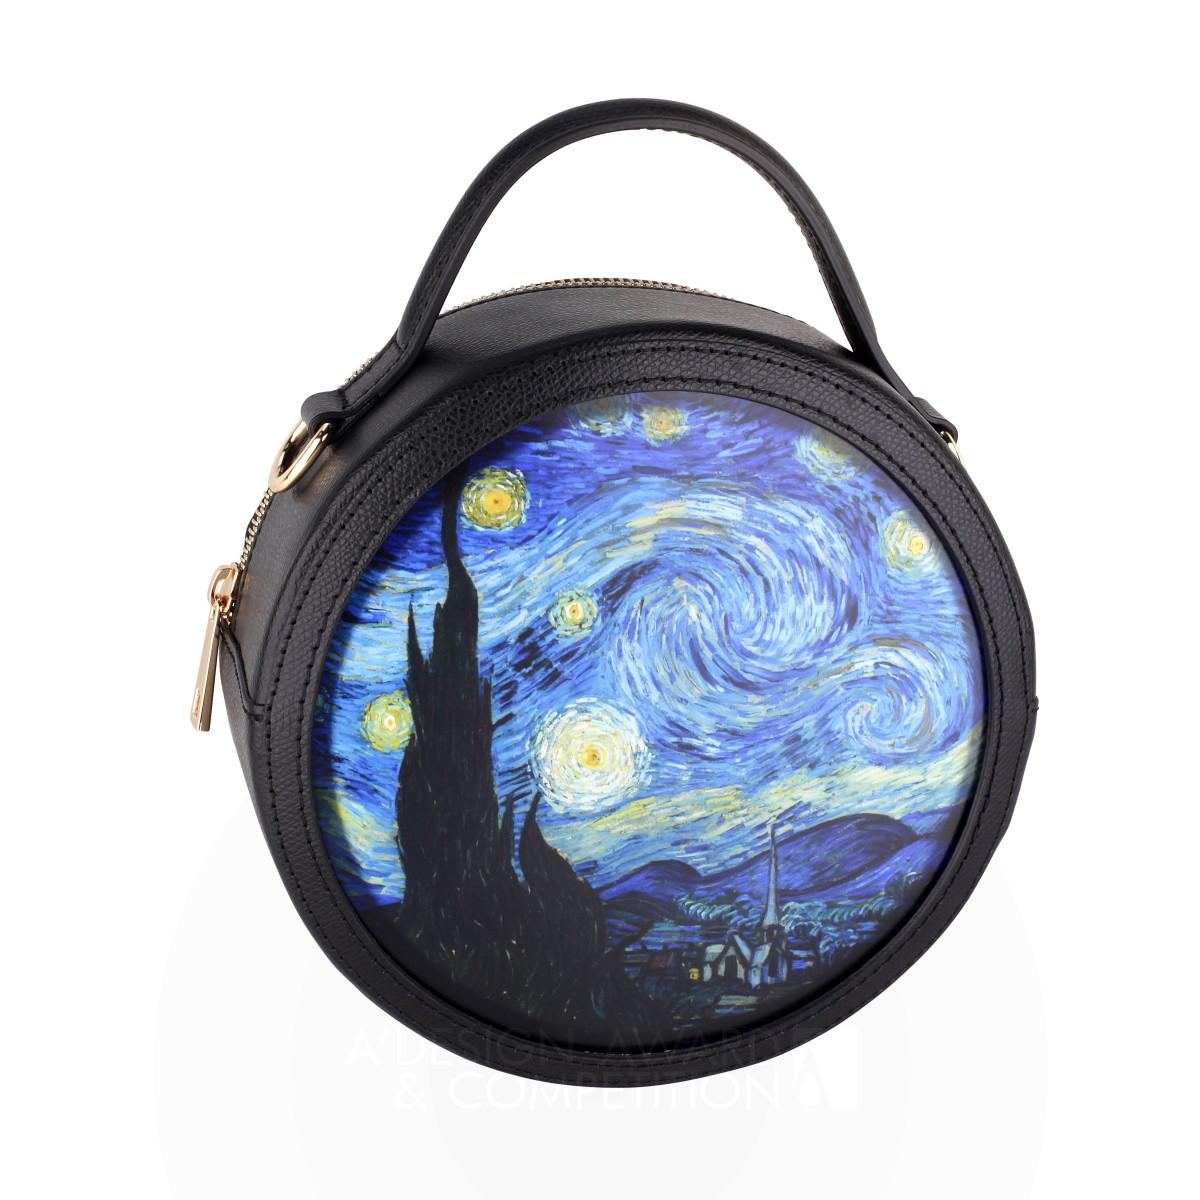 Luminare Women's Evening Handbag